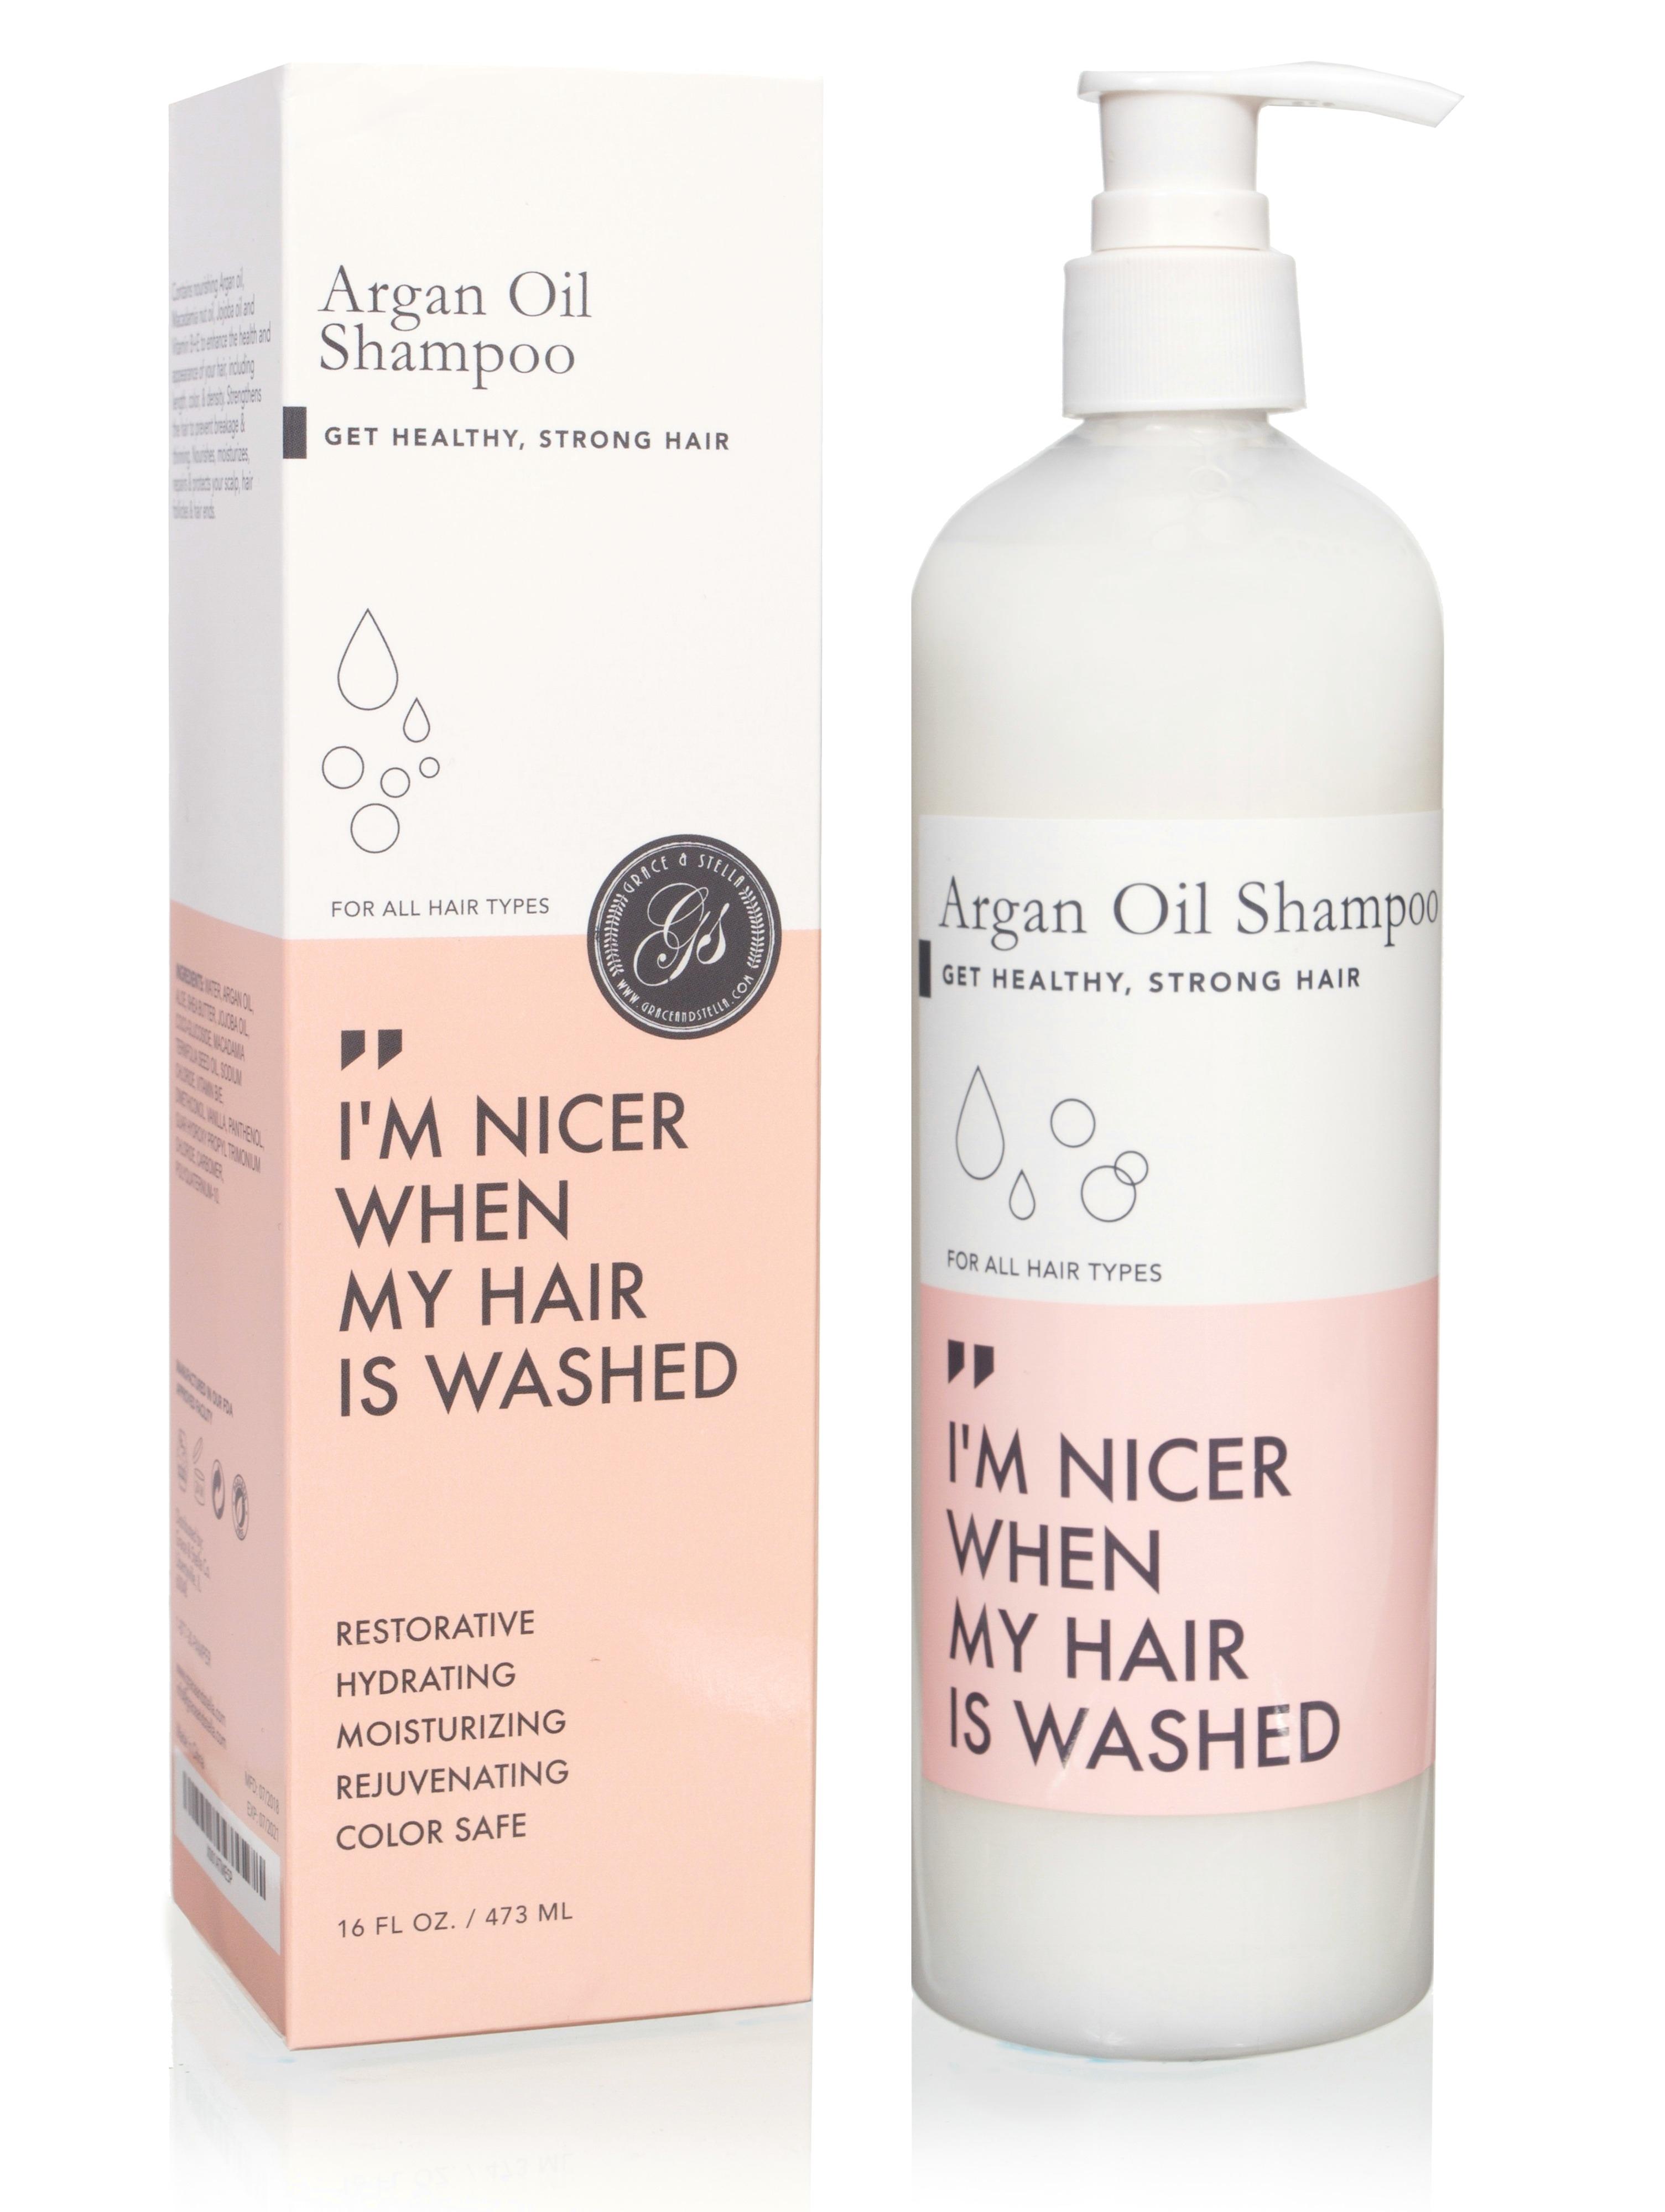 Grace and Stella CO Шампунь Питательный  для Волос с Маслом Арганы Organic Argan Oil Shampoo, 473 мл цена